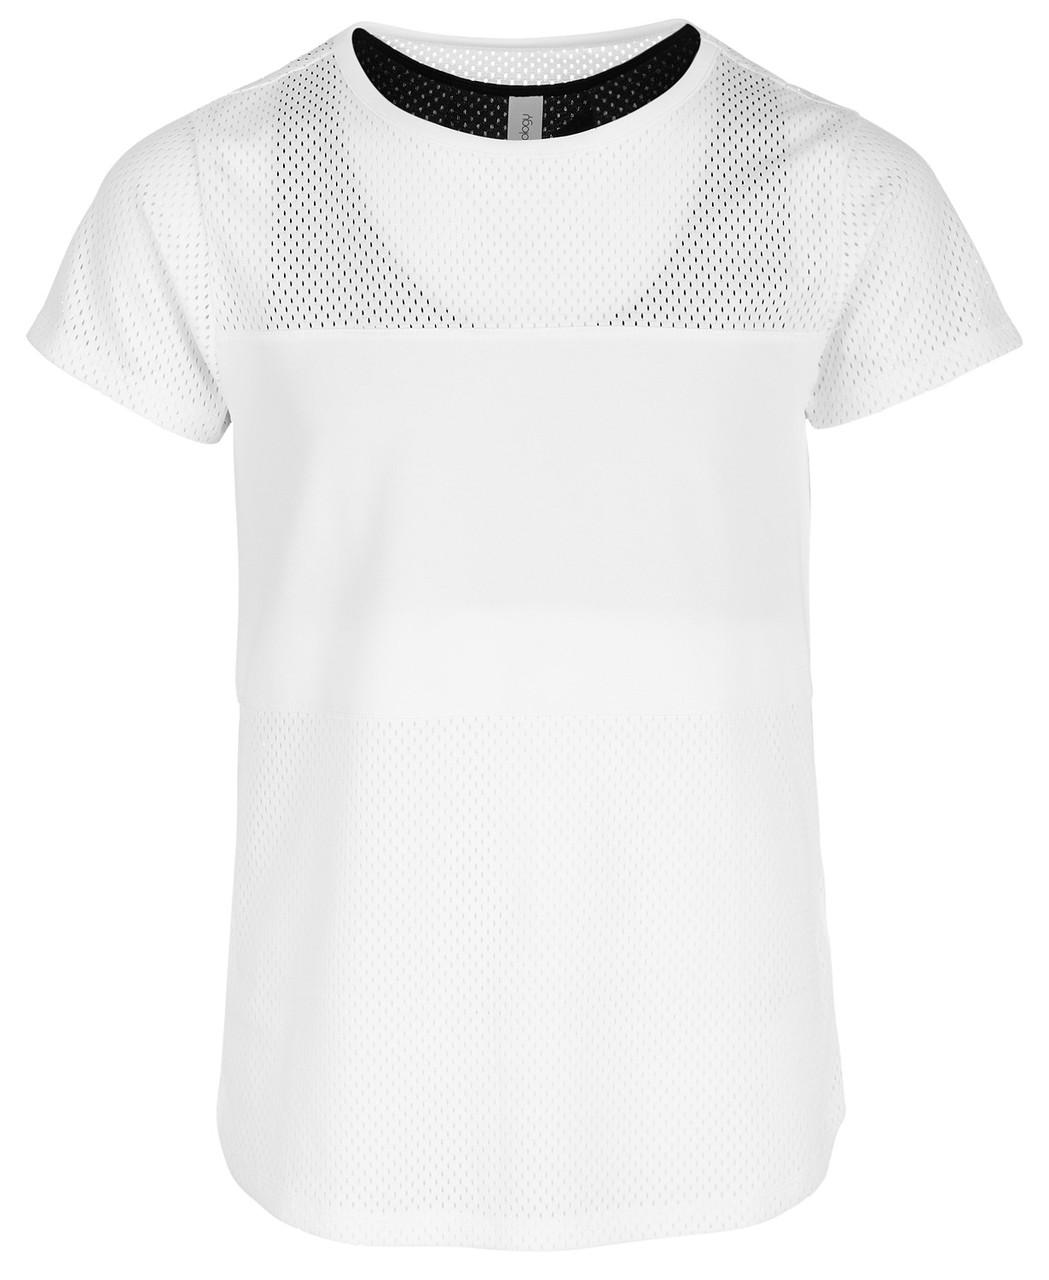 Ideology Детская футболка для девочек 2000000405766